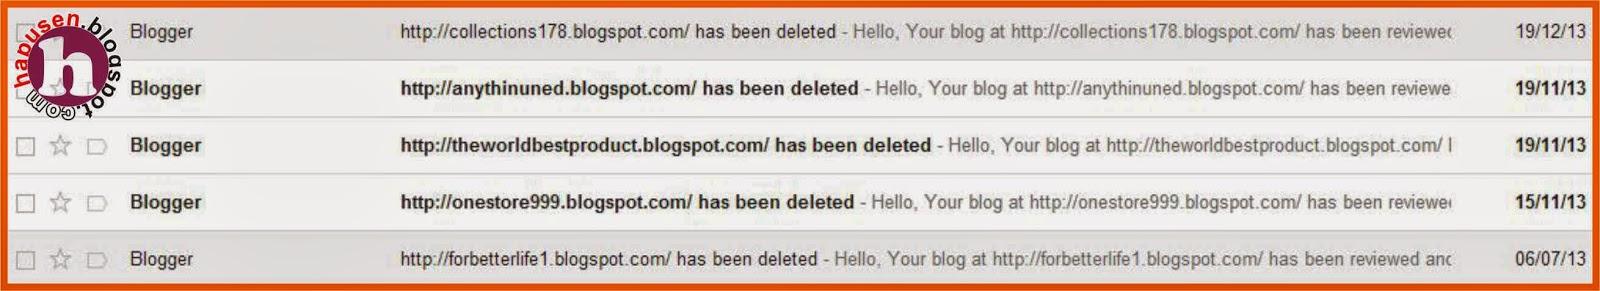 Blog dihapus sepihak oleh Blogger,Antisipasi blog di hapus oleh blogger.com